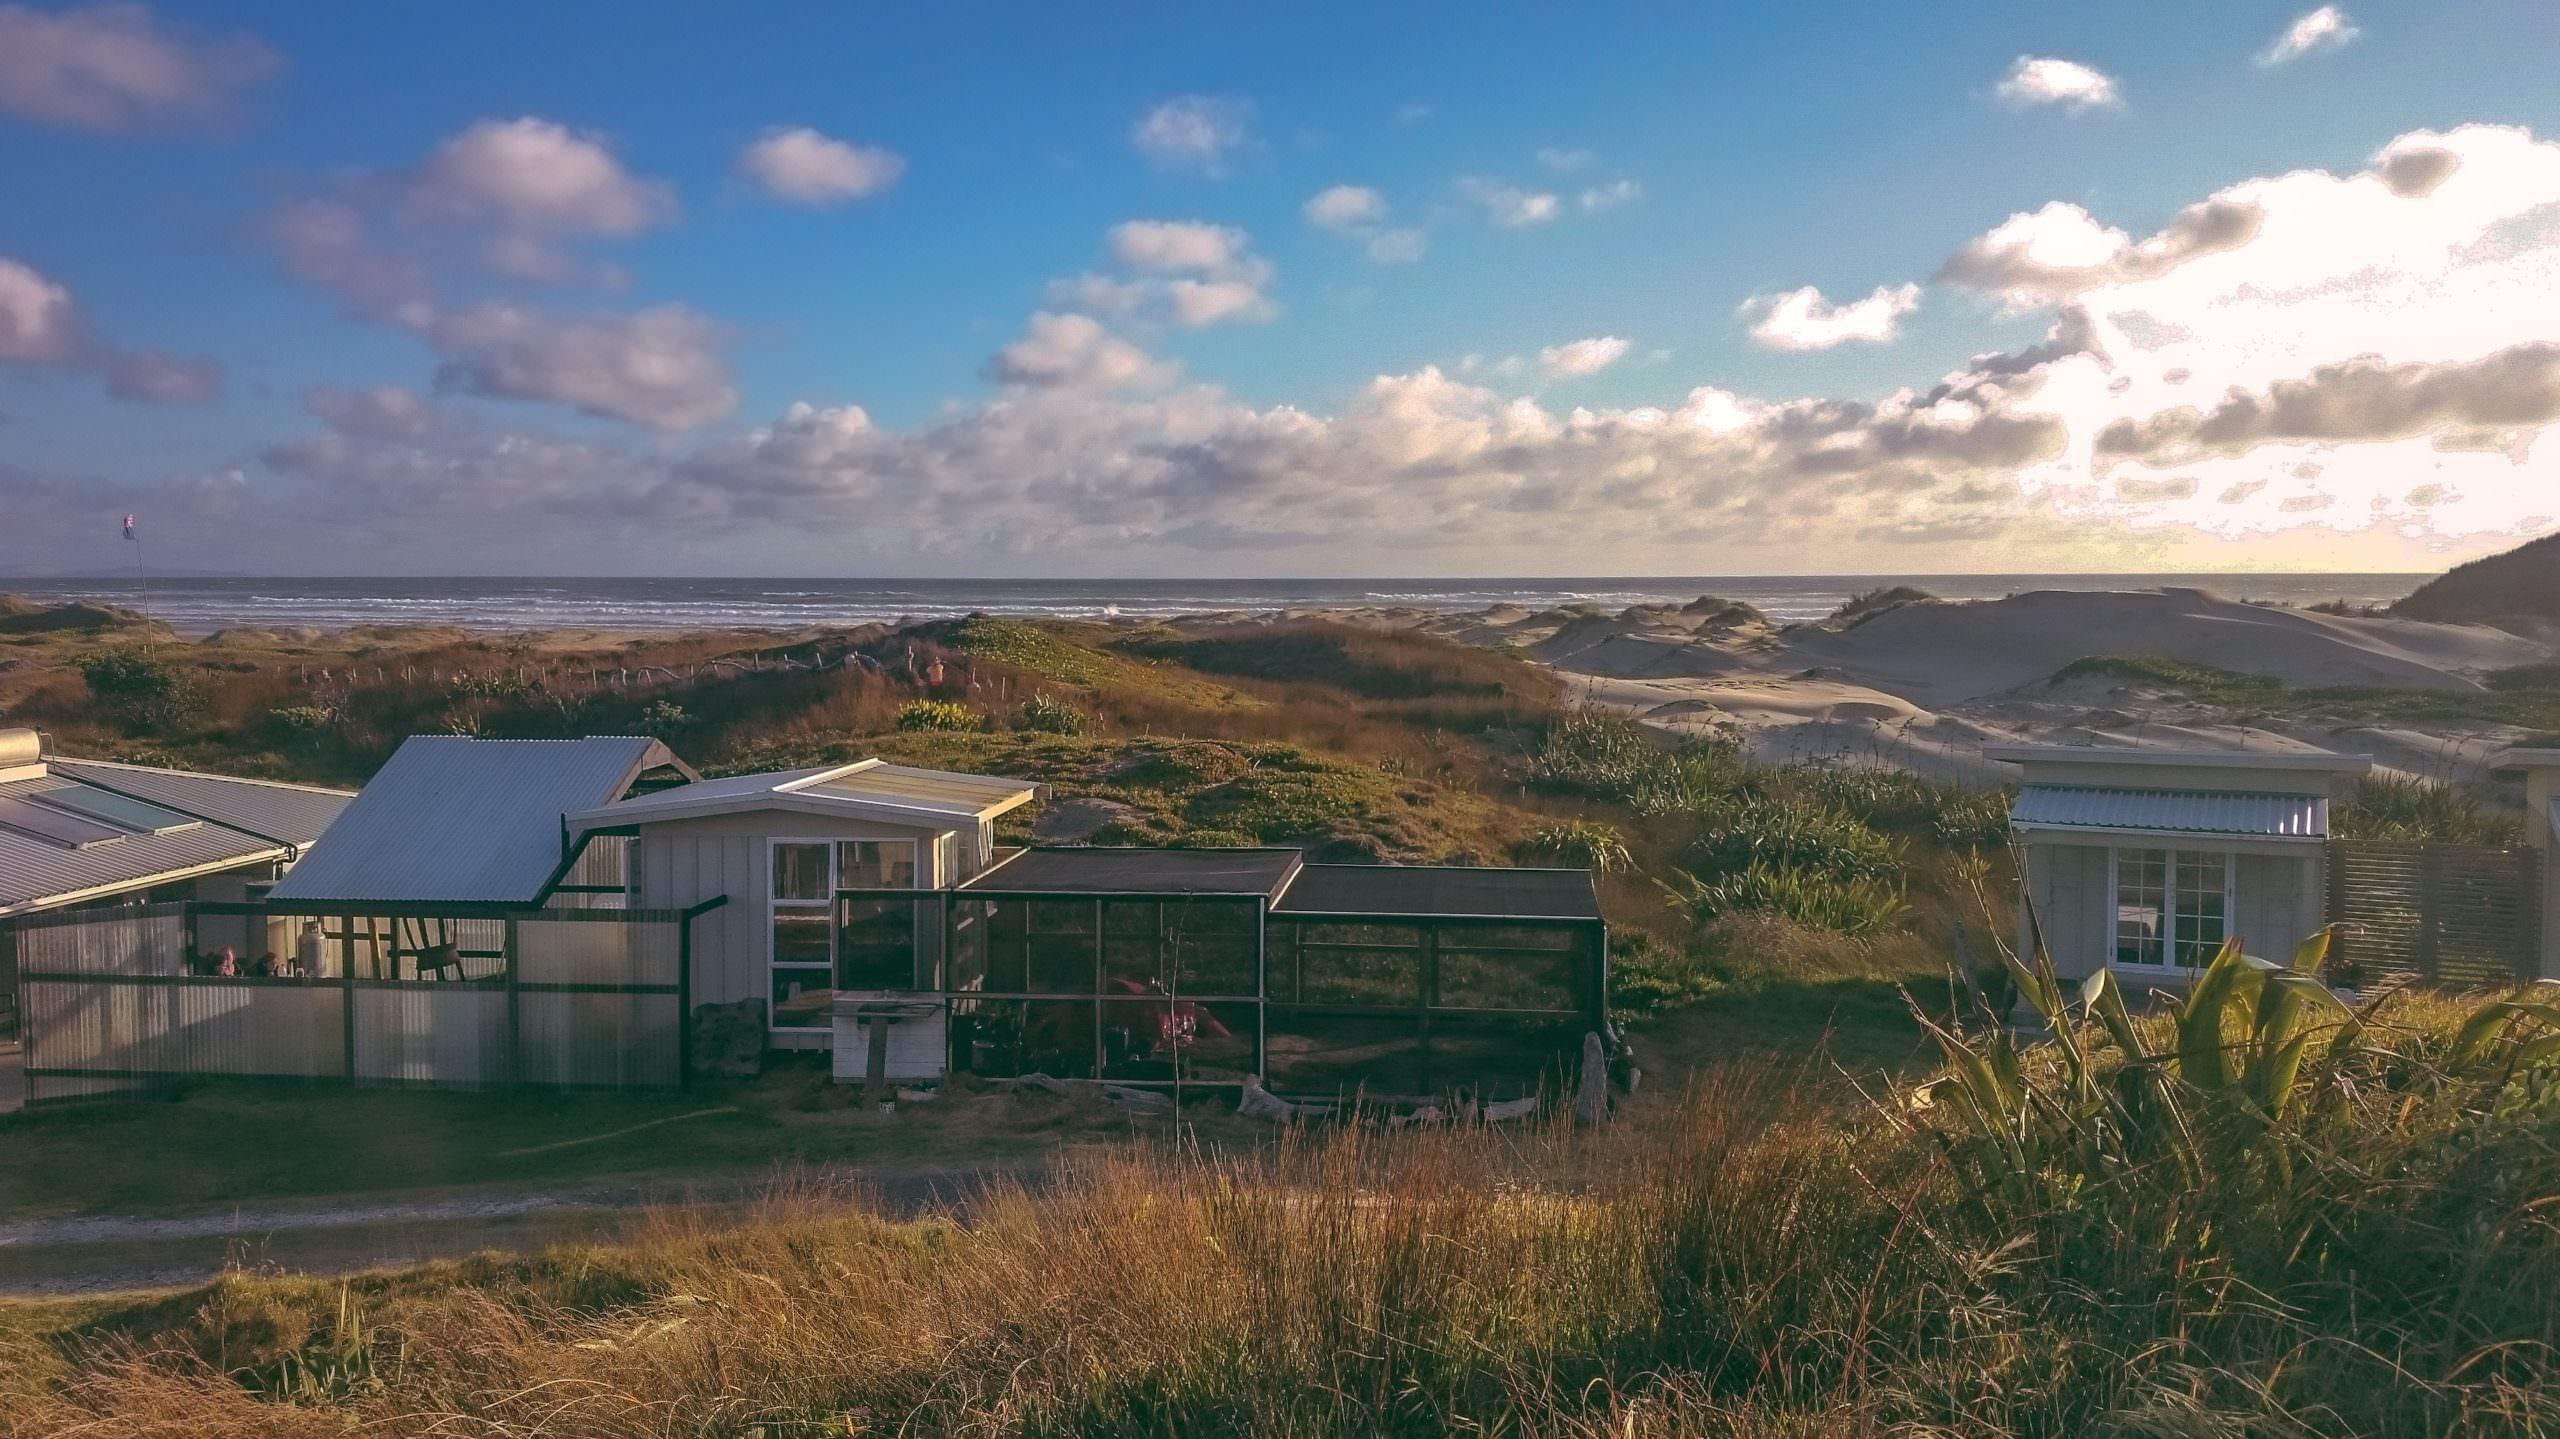 أفضل الأماكن التي يجب عليك زيارتها في نيوزيلندا